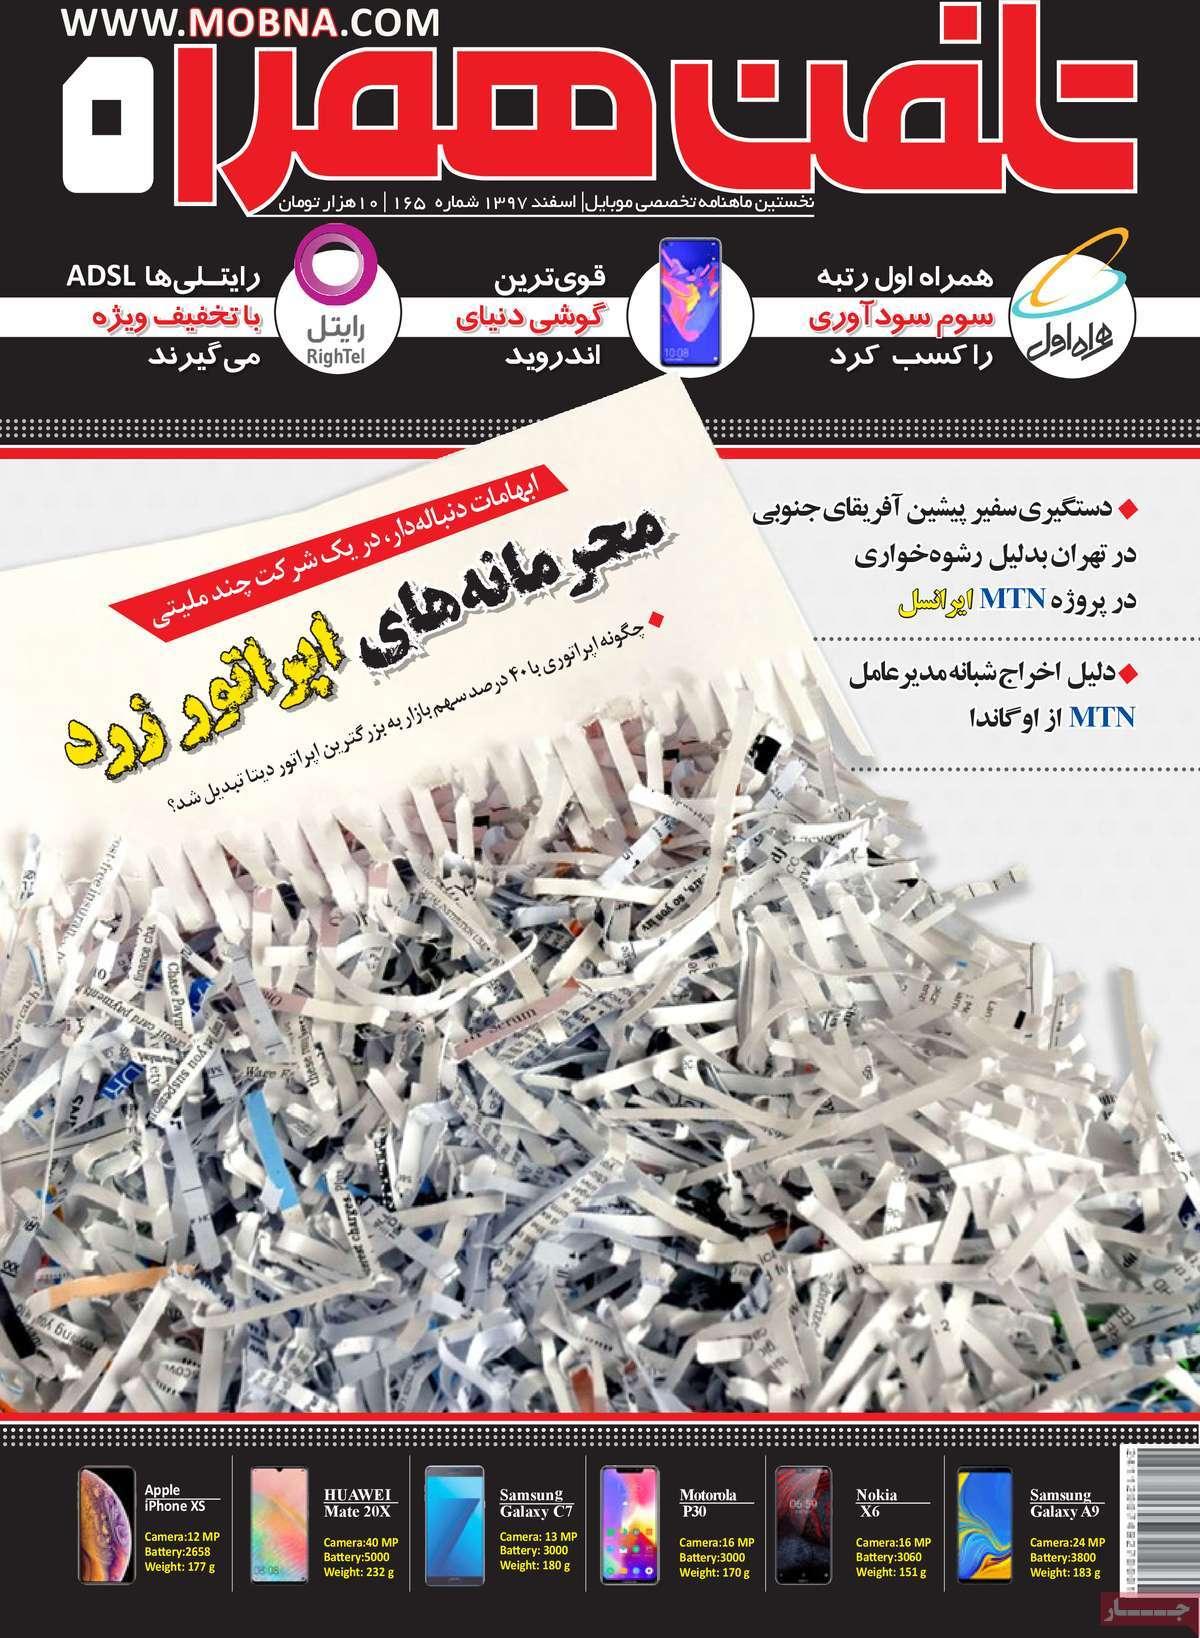 صفحه نخست مجله تلفن همراه - سه شنبه, ۰۷ اسفند ۱۳۹۷